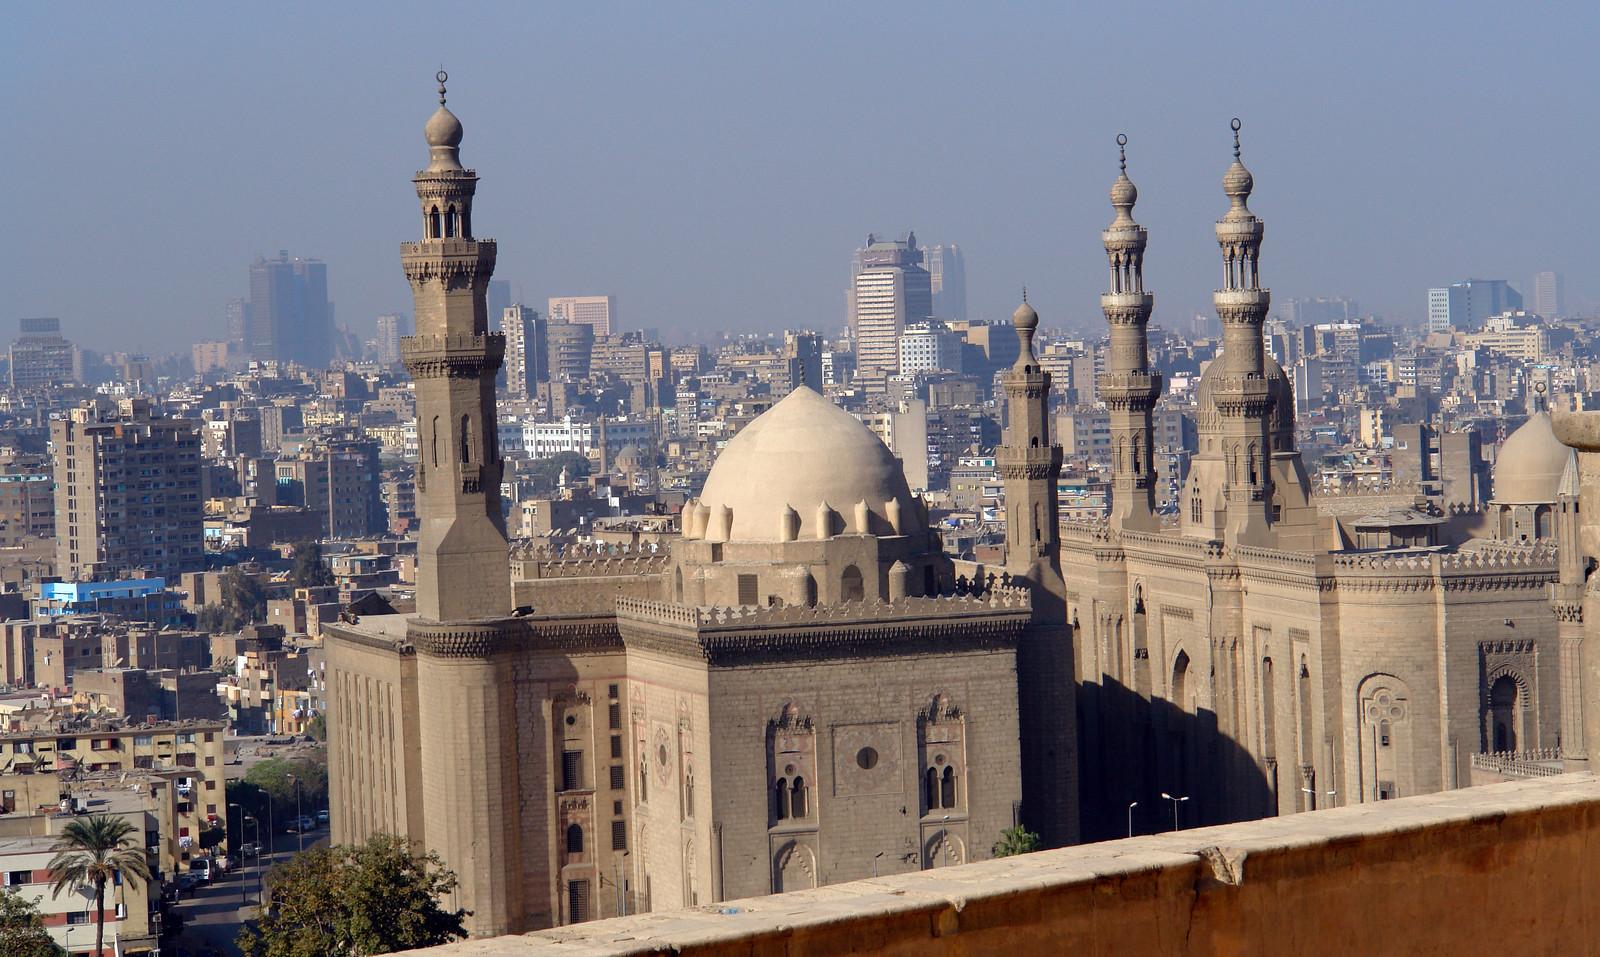 Qué ver en El Cairo, Egipto lugares que visitar en el cairo - 40100564335 34be061091 h - 10+1 lugares que visitar en El Cairo